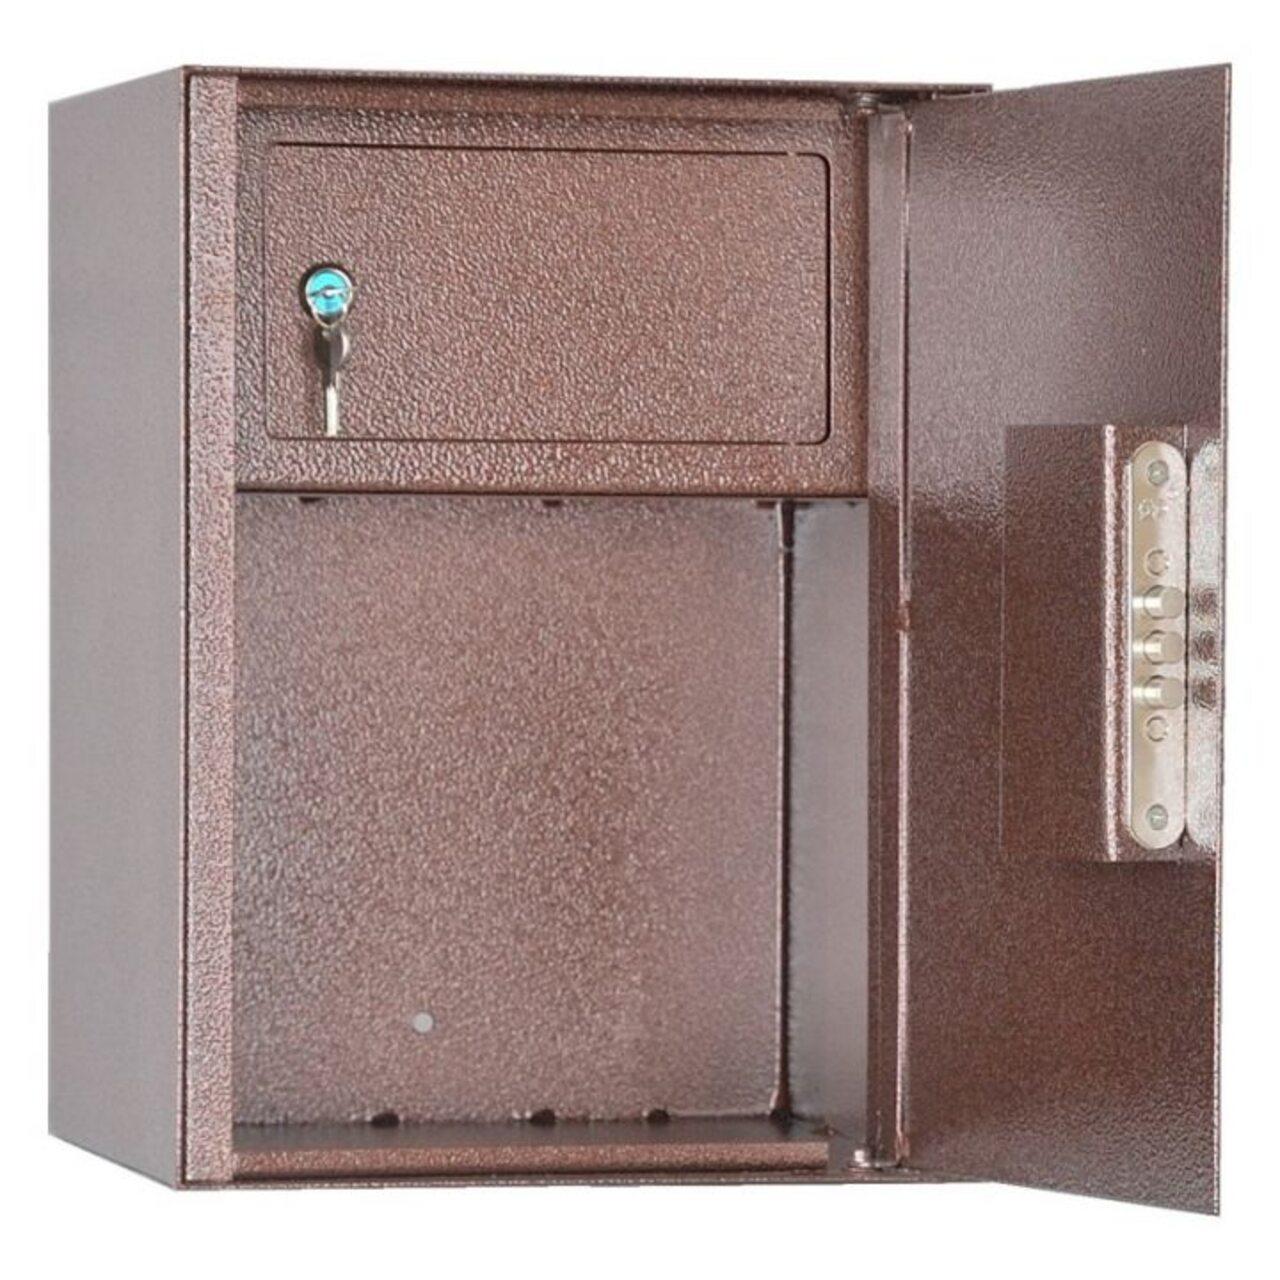 Шкаф мебельный ШМ-5К - фото 2